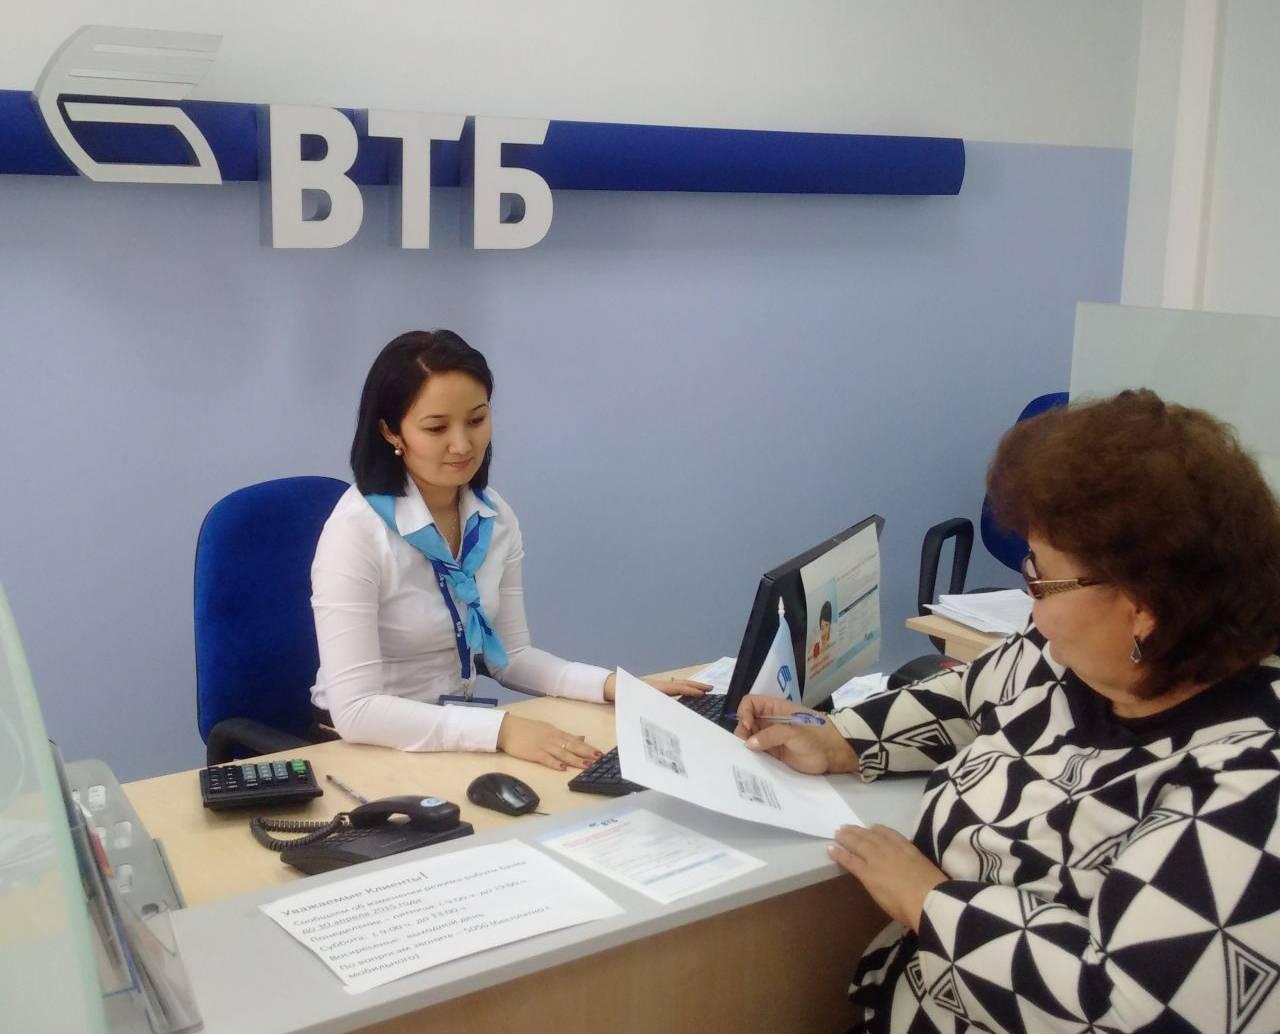 Кредит для пенсионеров в ВТБ 24 проценты